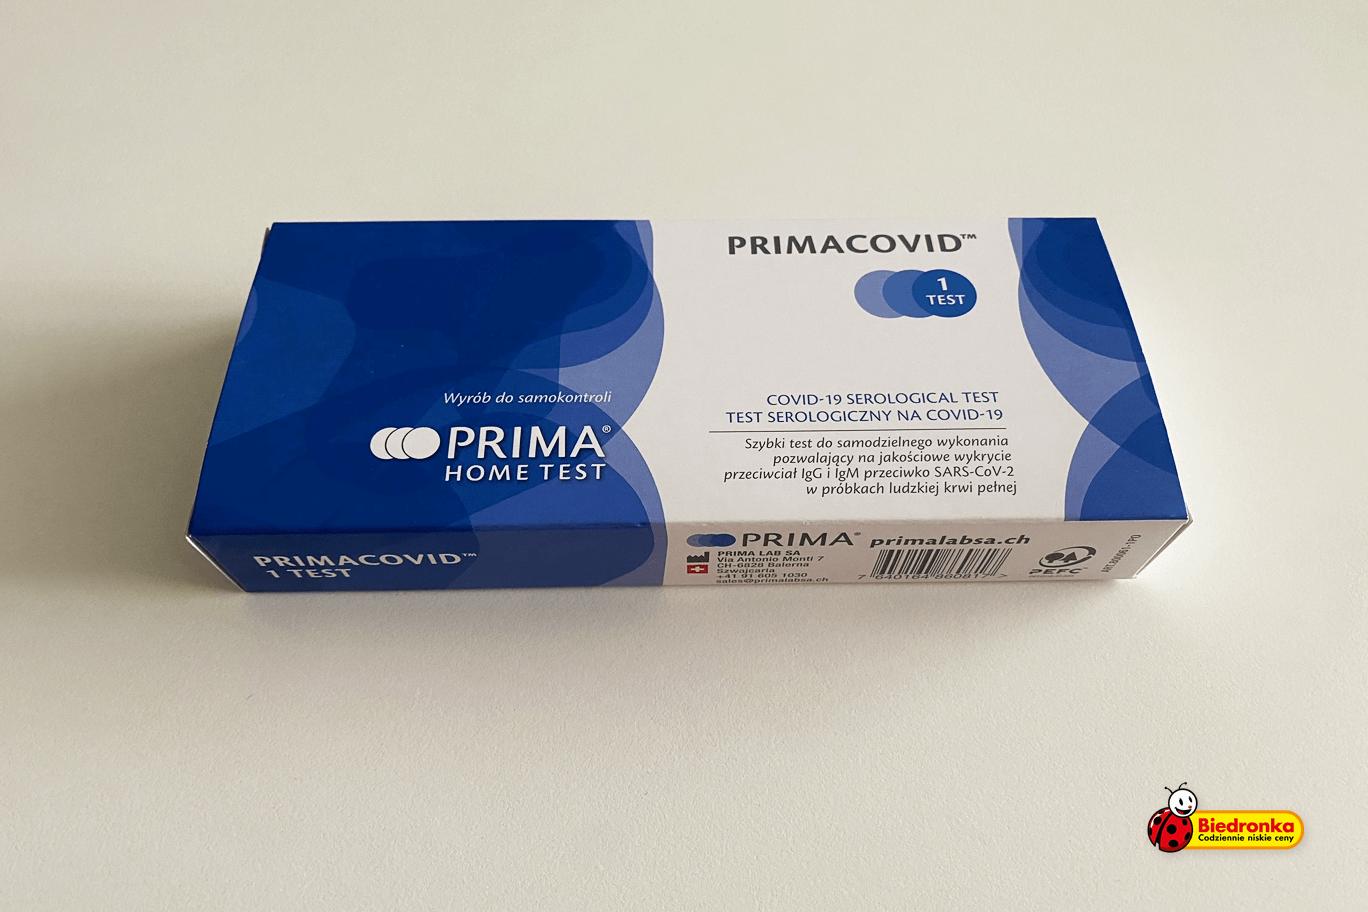 Test na obecność przeciwciał COVID-19 w Biedronce. Czy warto?